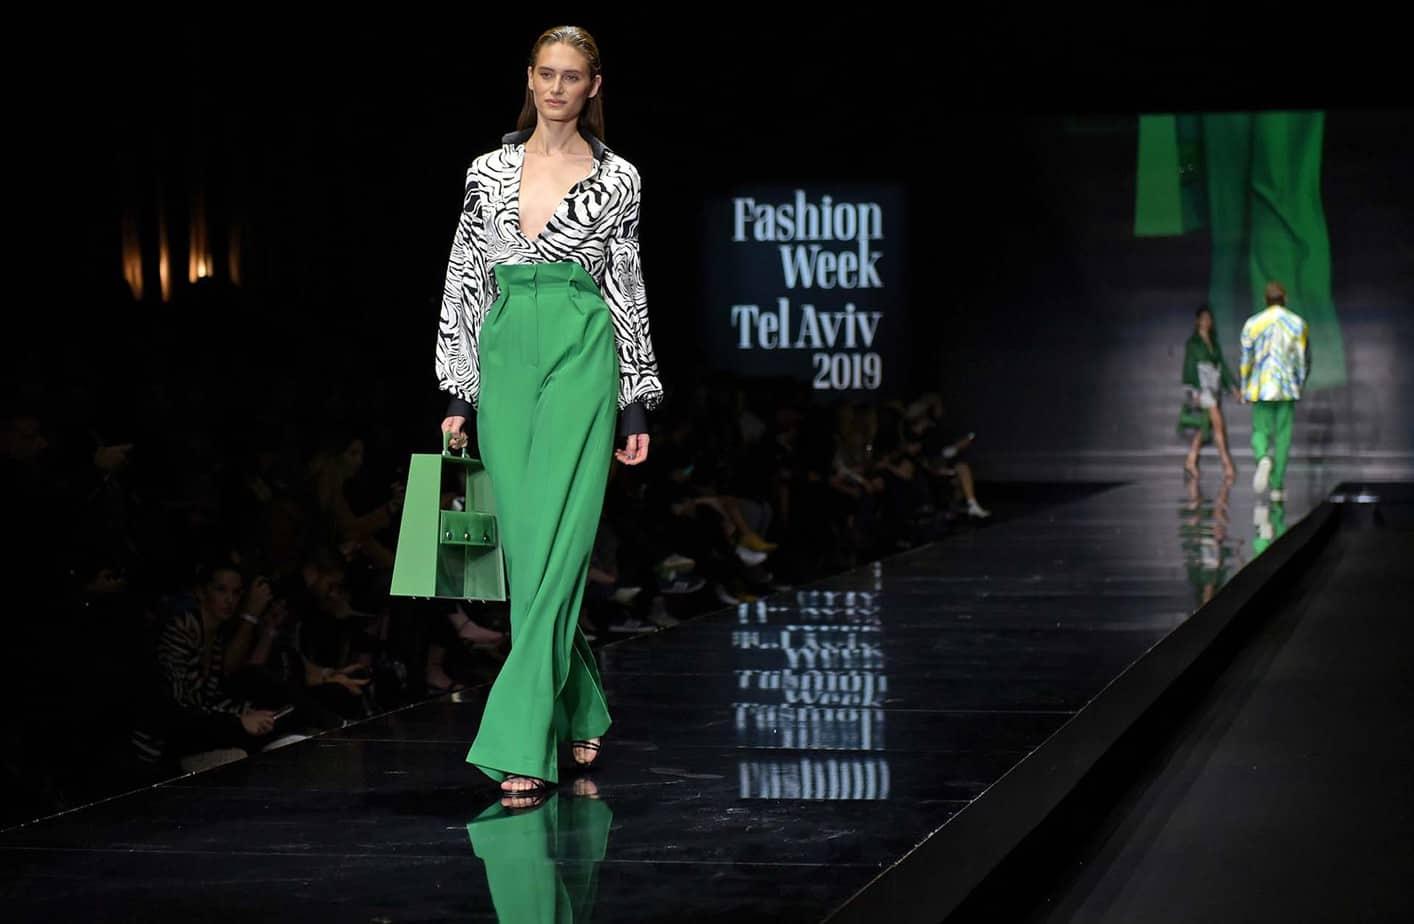 שי שלום. שבוע האופנה תל אביב 2019. צילום סרג'ו סטרודובצב - 7